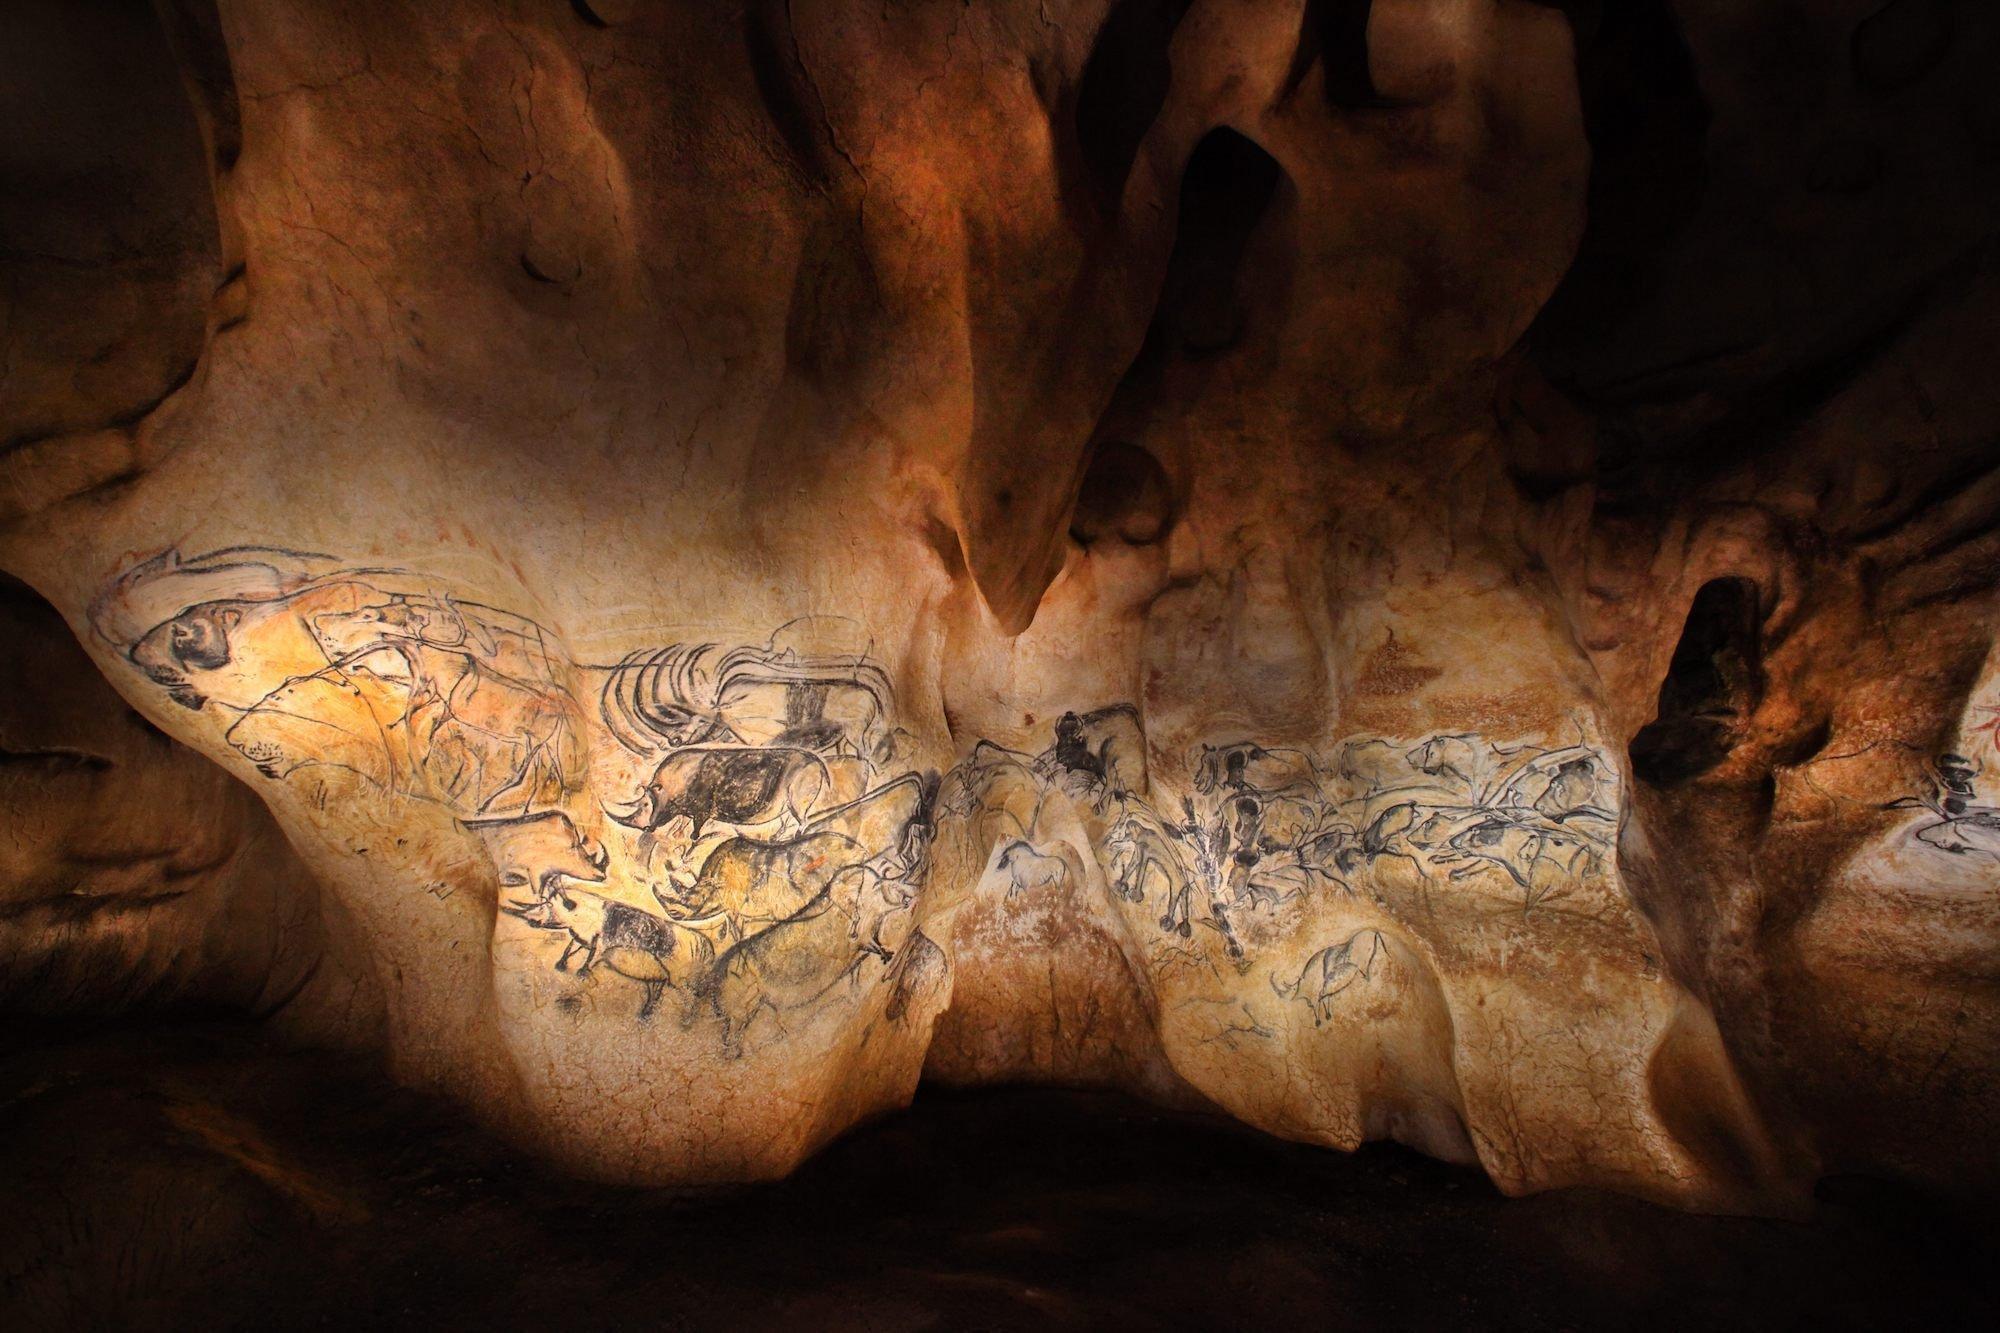 Antike Höhlenmalerei auf der Tiere zu erkennen sind.